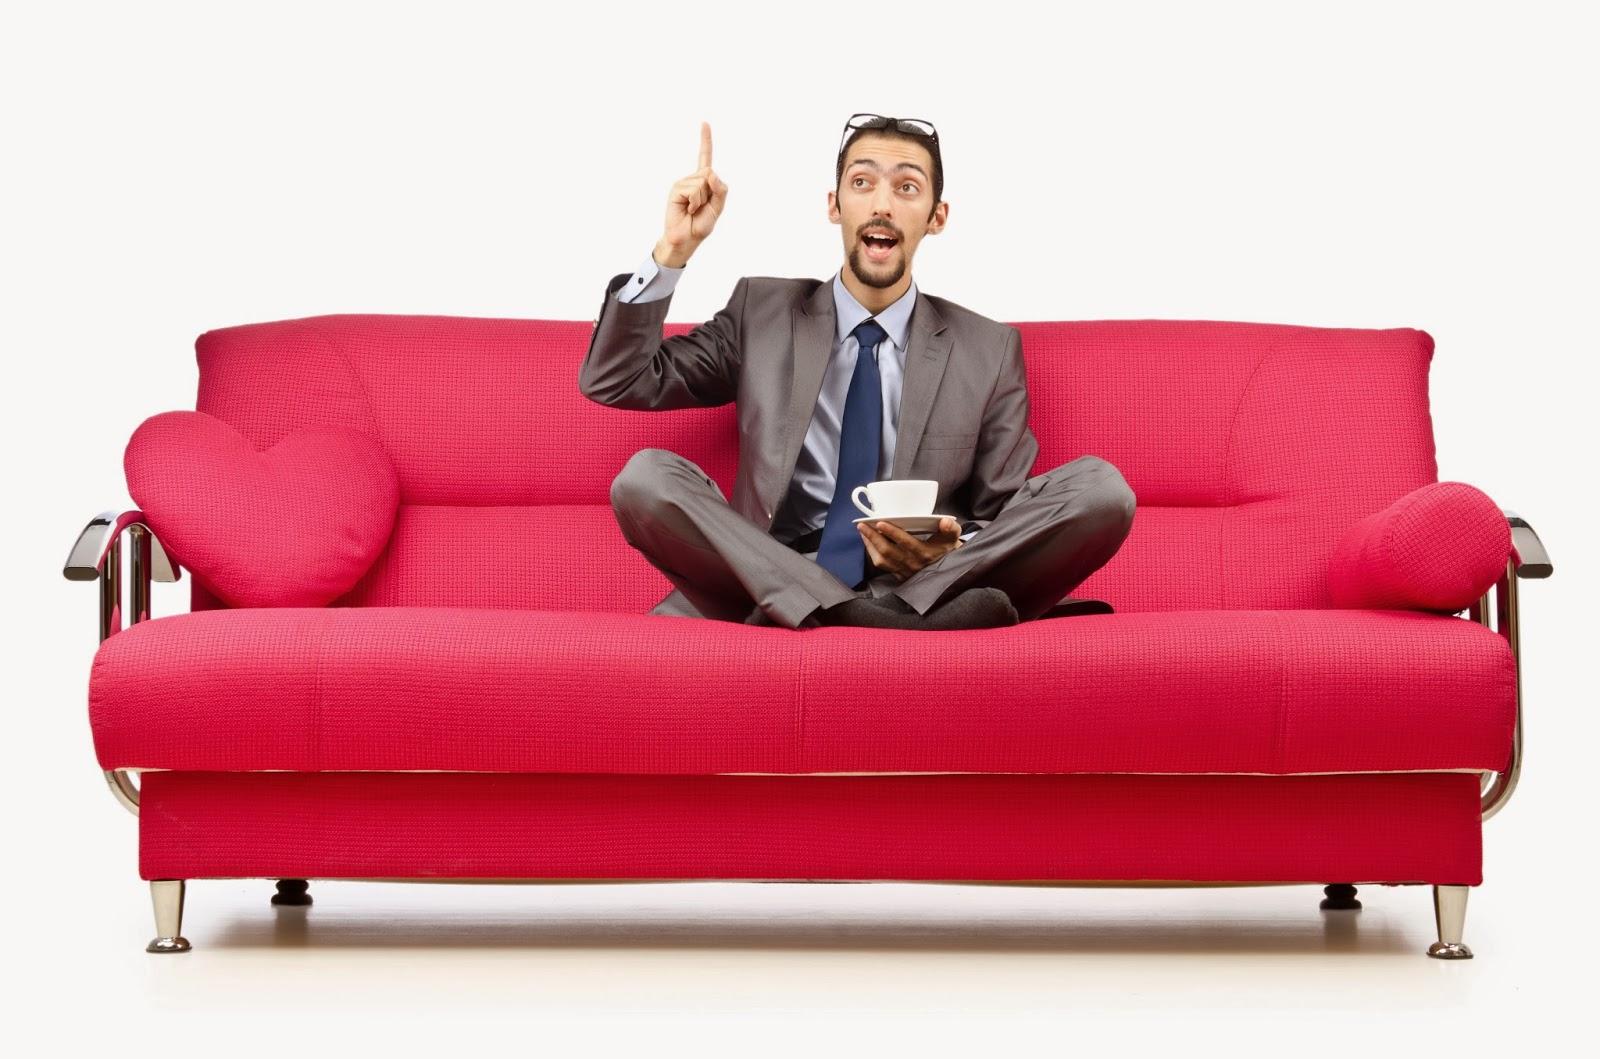 Сама себя удовлетворила на диване 2 фотография